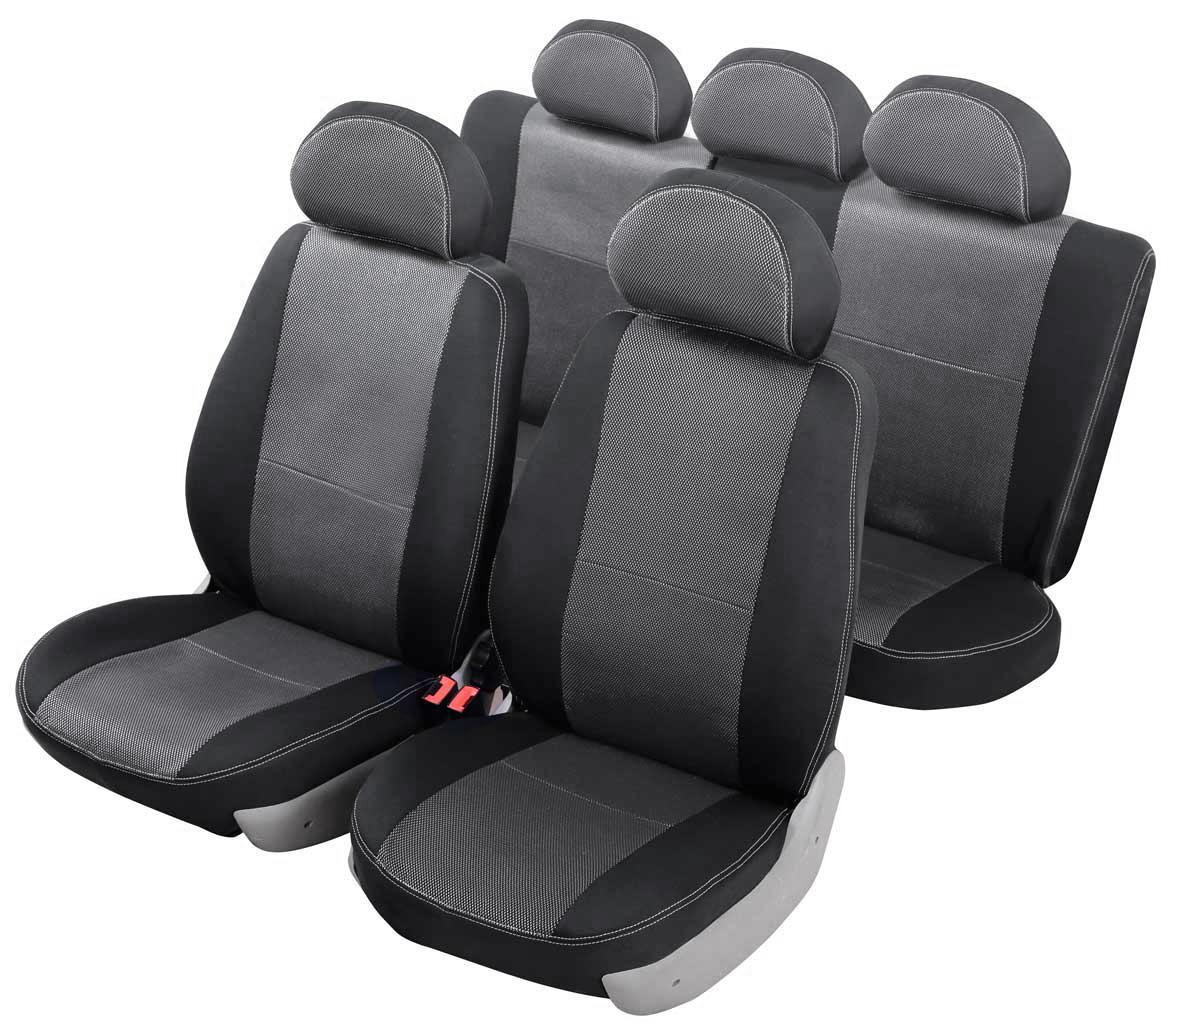 Чехлы автомобильные Senator Dakkar, для Hyundai Accent 2000-2012, седан67018Автомобильные чехлы Senator Dakkar изготовлены из качественного жаккарда, триплированного огнеупорным поролоном толщиной 5 мм, за счет чего чехол приобретает дополнительную мягкость. Подложка из спанбонда сохраняет свойства поролона и предотвращает его разрушение. Водительское сиденье имеет усиленные швы, все внутренние соединительные швы обработаны оверлоком. Чехлы идеально повторяют штатную форму сидений и выглядят как оригинальная обивка сидений. Разработаны индивидуально для каждой модели автомобиля. Дизайн чехлов Senator Dakkar приближен к оригинальной обивке салона. Жаккардовый материал расположен в центральной части сидений и спинок, а также на подголовниках. Декоративная контрастная прострочка по периметру авточехлов придает стильный и изысканный внешний вид интерьеру автомобиля. В спинках передних сидений расположены карманы, закрывающиеся на молнию. Чехлы сохраняют полную функциональность салона - трансформация сидений, возможность установки детских кресел ISOFIX, не препятствуют работе подушек безопасности AIRBAG и подогреву сидений. Для простоты установки используется липучка Velcro, учтены все технологические отверстия. Авточехлы Senator Dakkar просты в уходе - загрязнения легко удаляются влажной тканью. Чехлы имеют раздельную схему надевания. Чехлы задних сидений закрывают всю поверхность, включая тыльную сторону спинки (со стороны багажника).